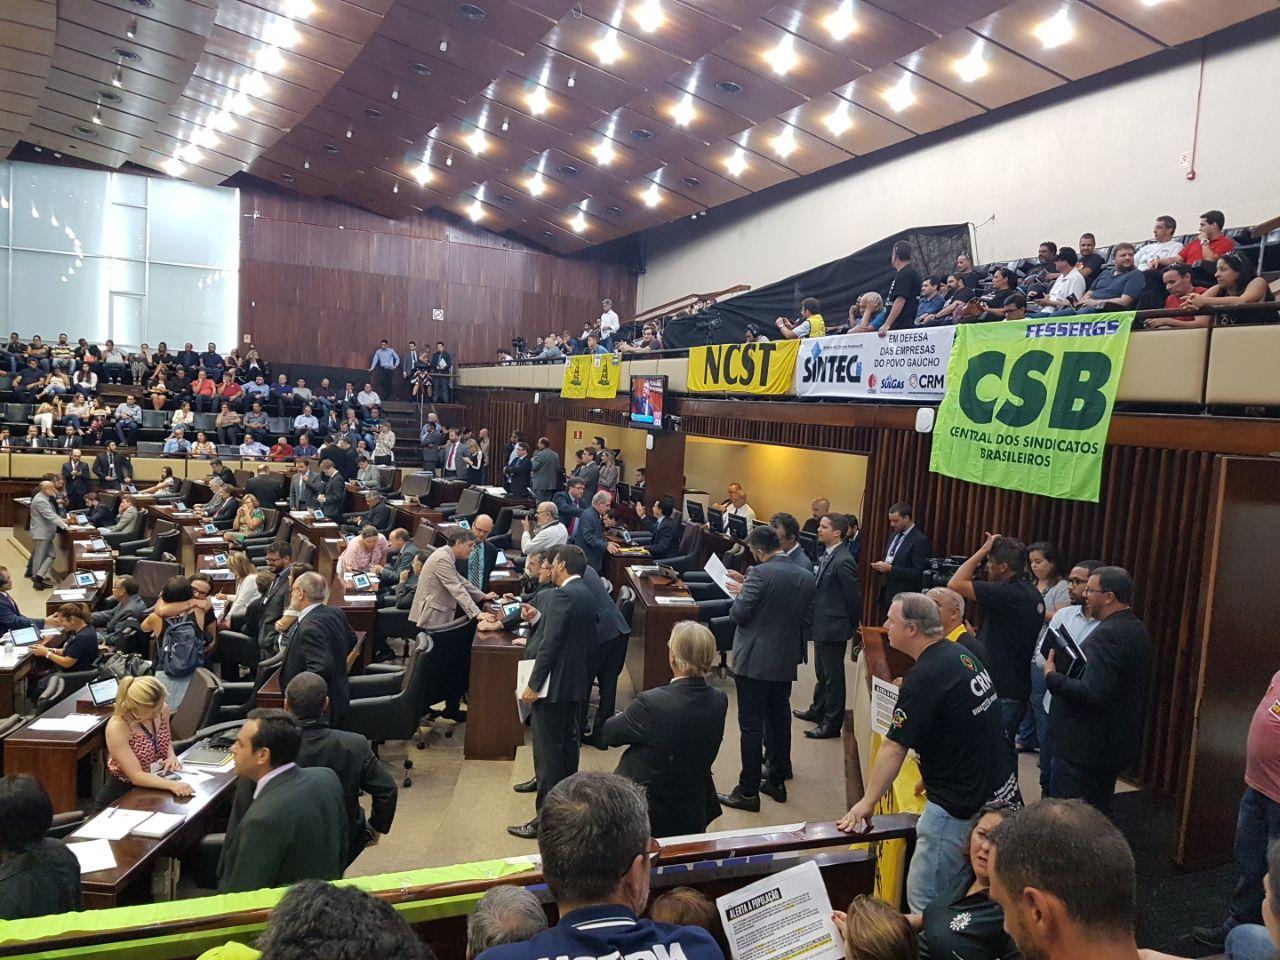 CSB RS se mantém mobilizada na Assembleia Legislativa contra a tentativa do governo de votar projetos de privatização de estatais